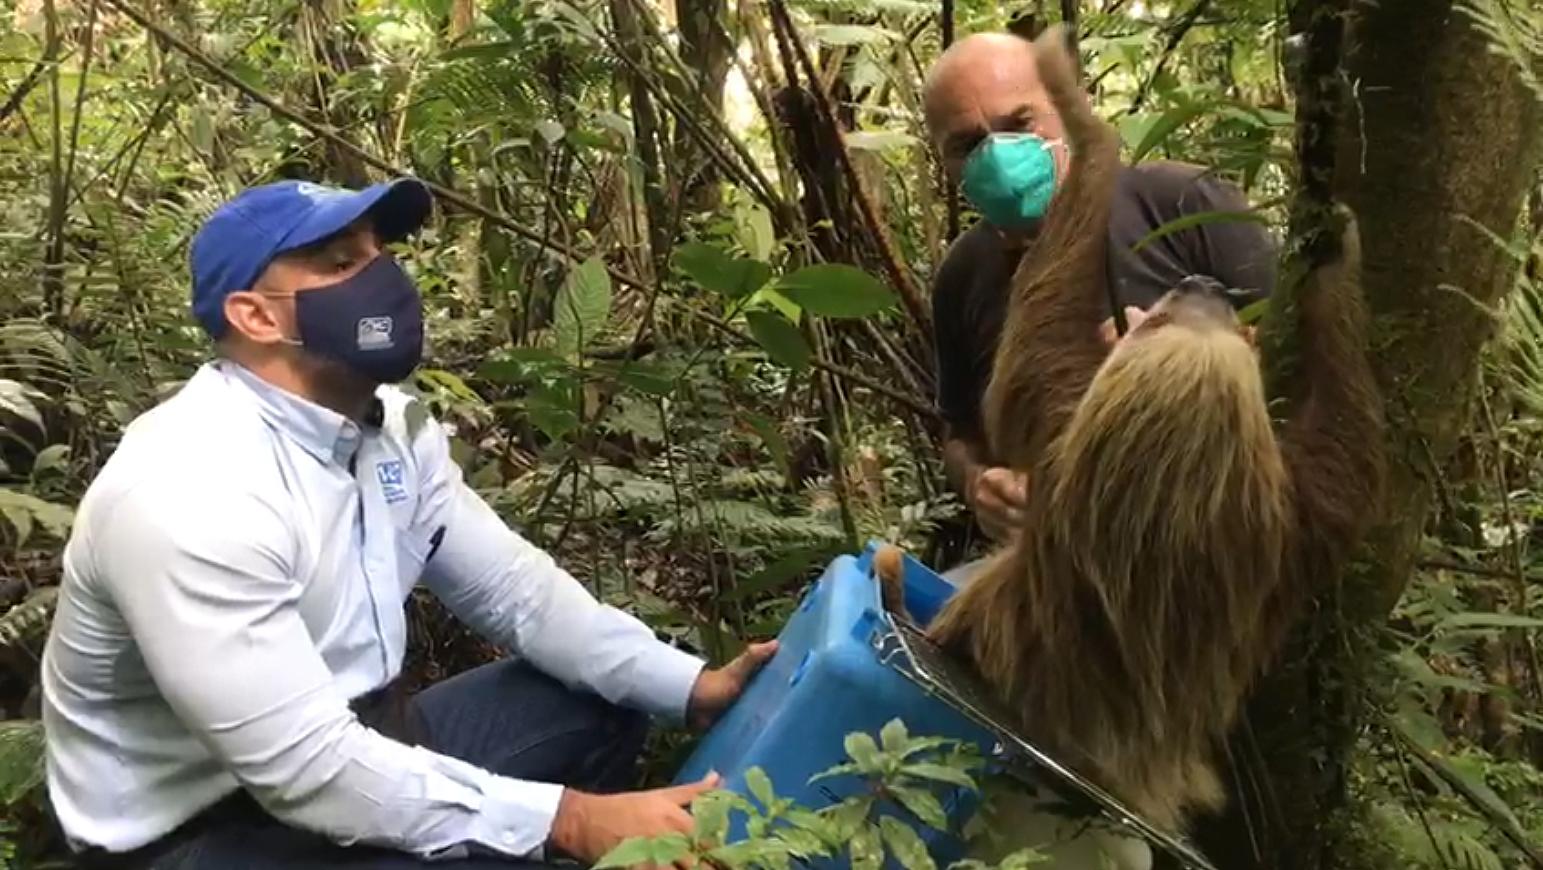 Un momento de la liberación, recogida en un vídeo. Imagen: Corporación Autónoma Regional del Valle del Cauca (CVC)